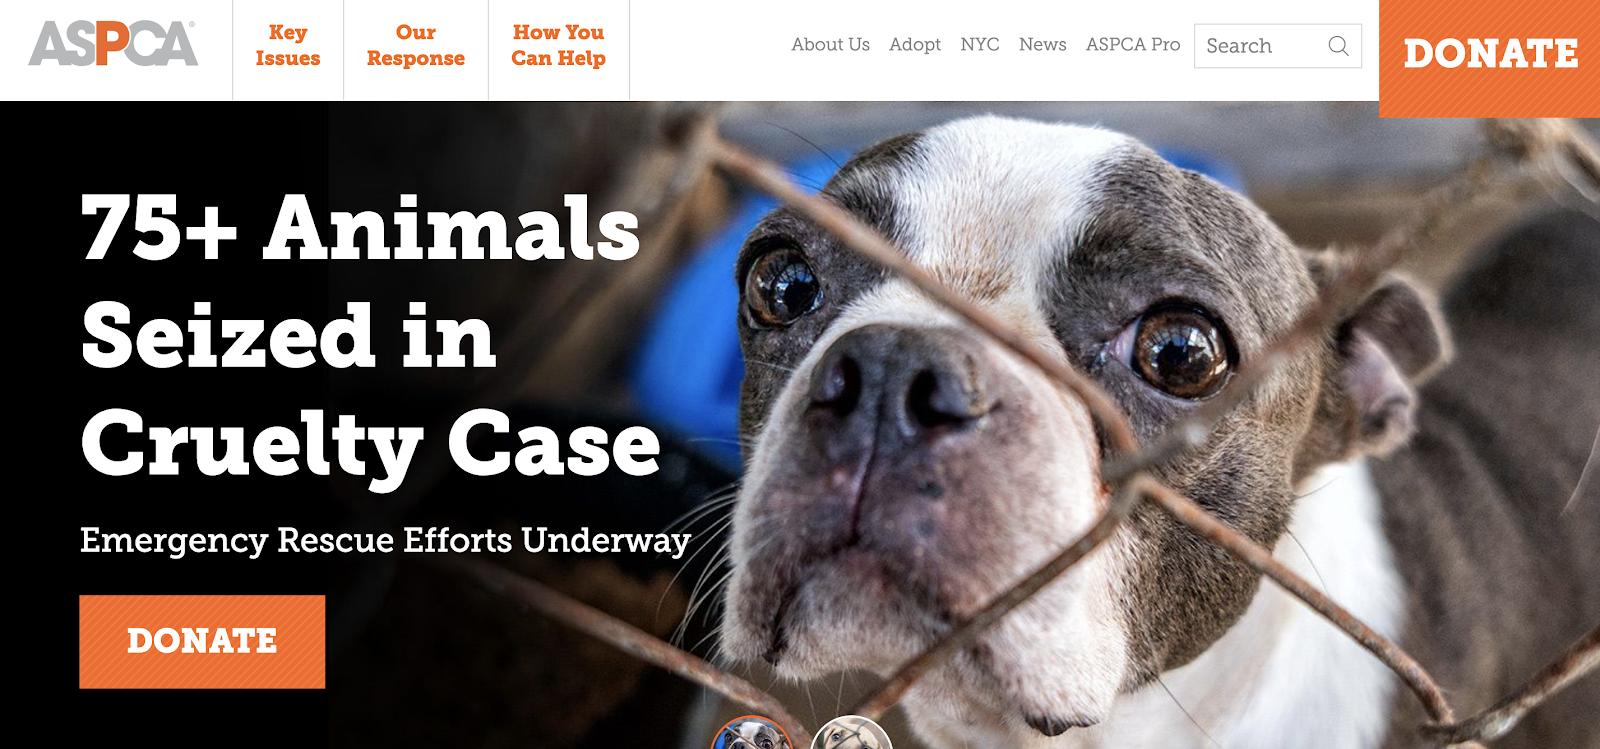 esempio di segmentazione psicografica sulla homepage di ASPCA.